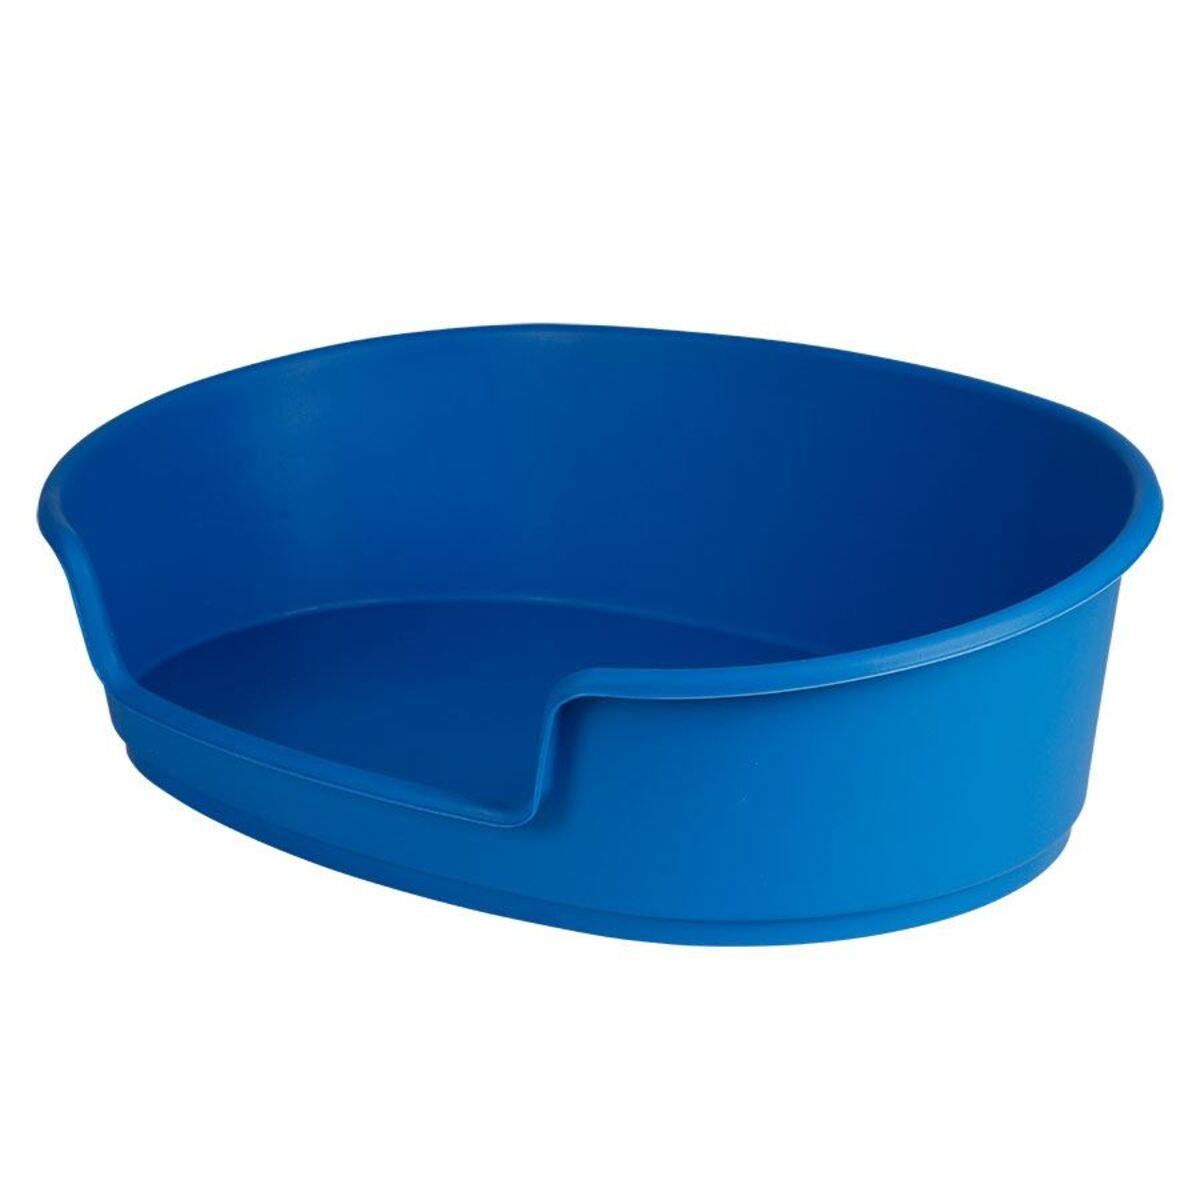 Bild 2 von Haustierkorb Kunststoff 70cm Blau